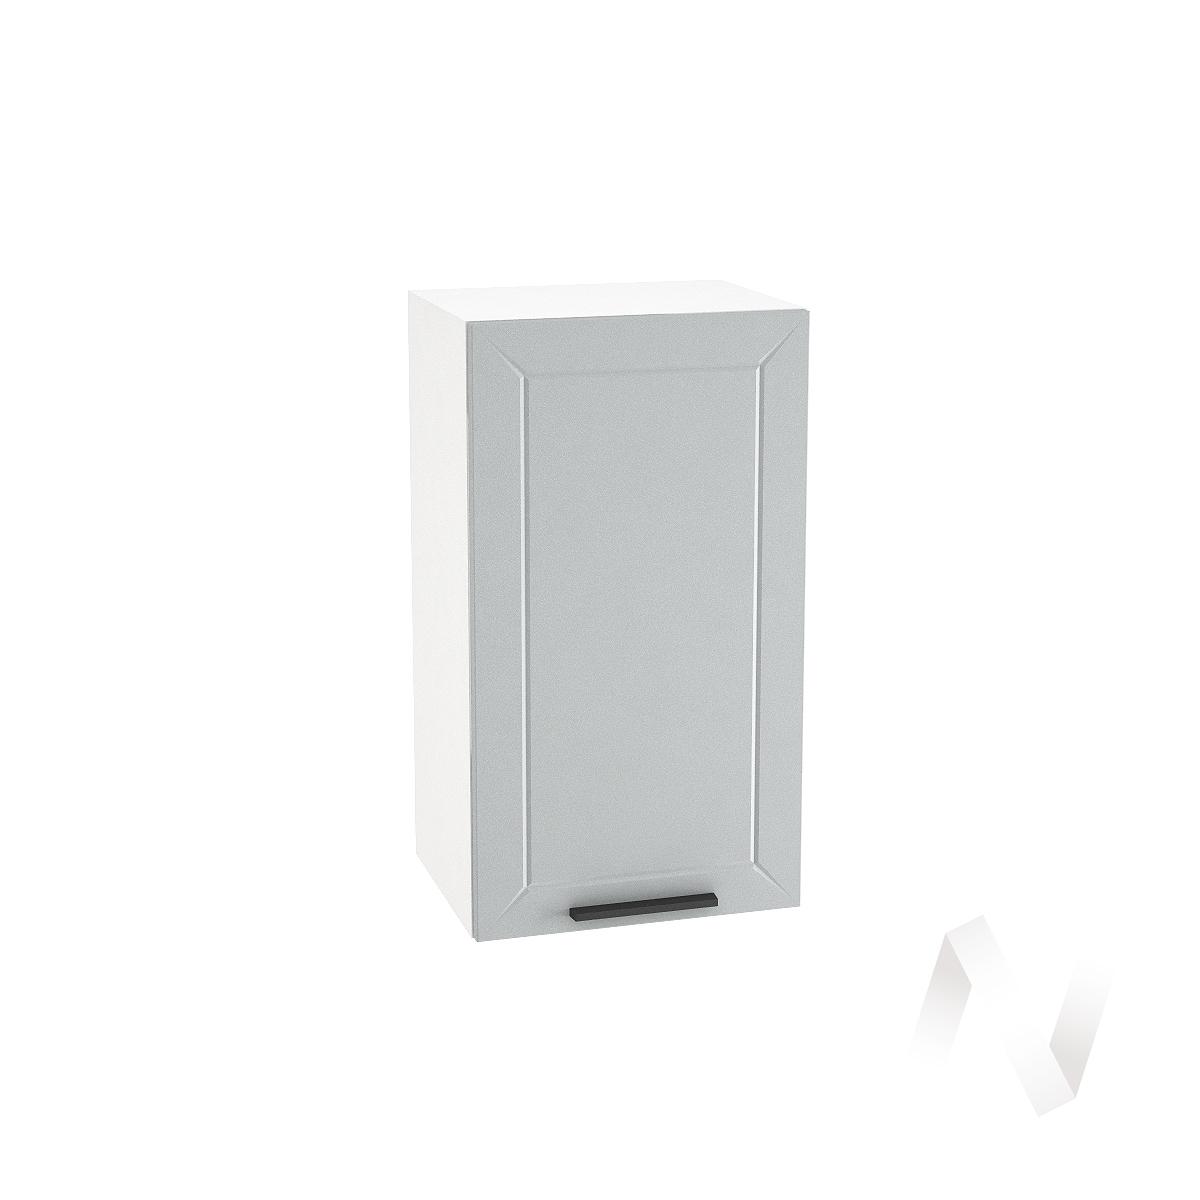 """Кухня """"Глетчер"""": Шкаф верхний 400, ШВ 400 (Гейнсборо Силк/корпус белый)"""